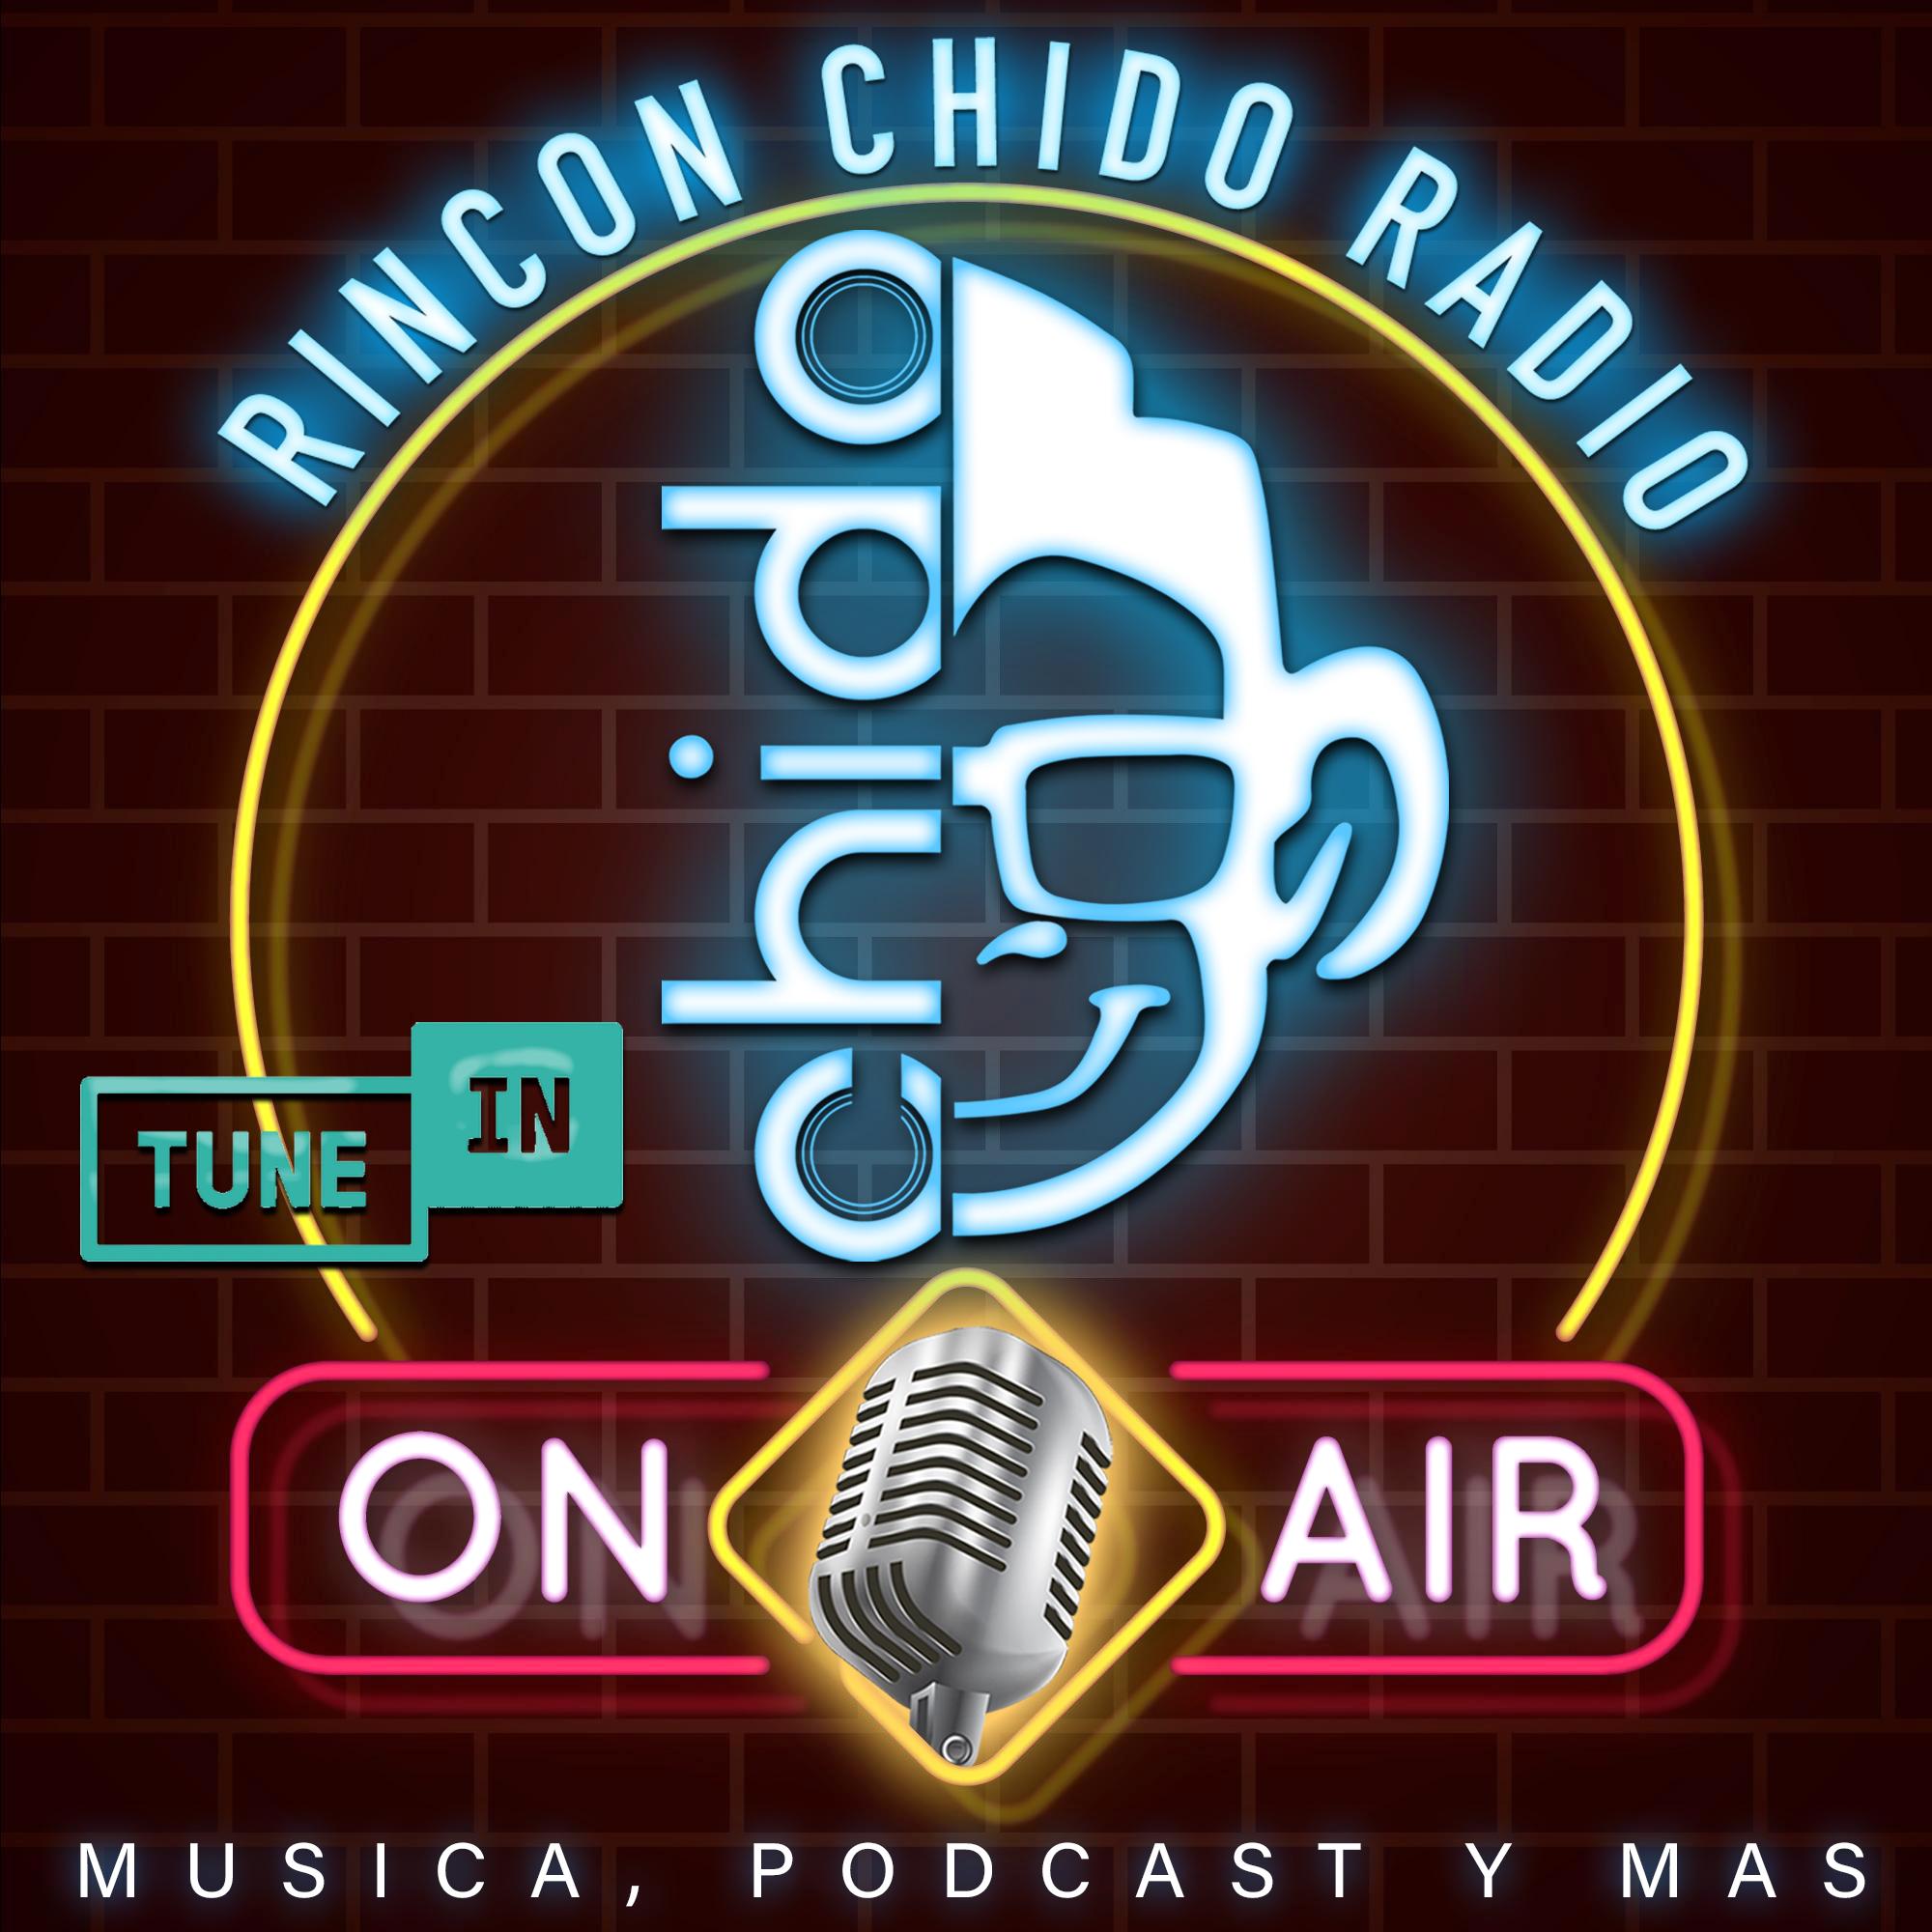 RINCON CHIDO LIVE